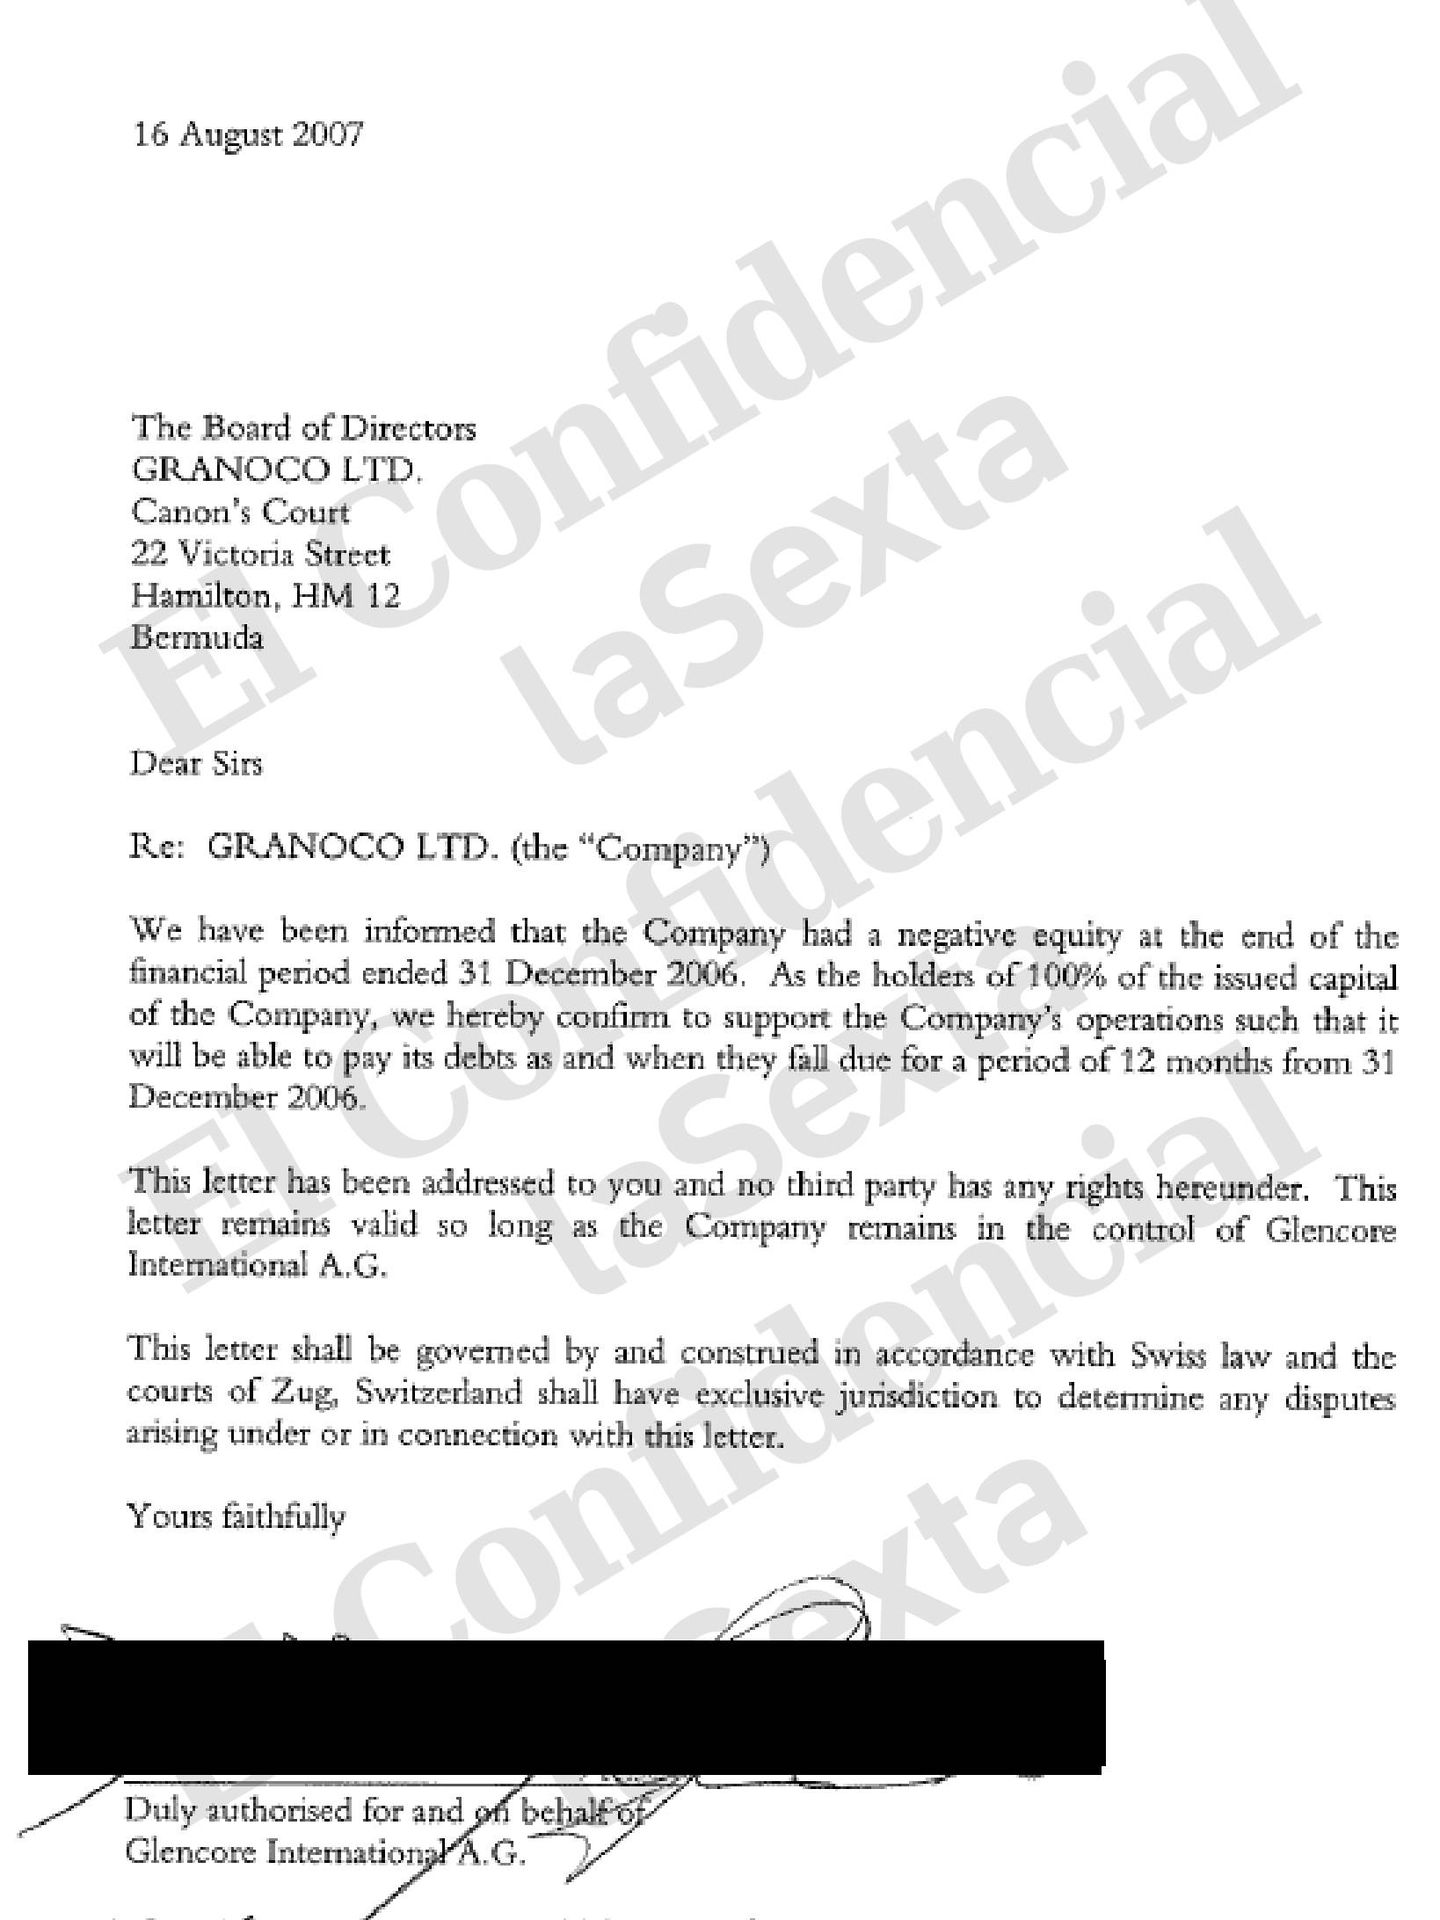 Respaldo financiero de Glencore Internacional AG a una sociedad de Bermudas firmado por Daniel Maté.